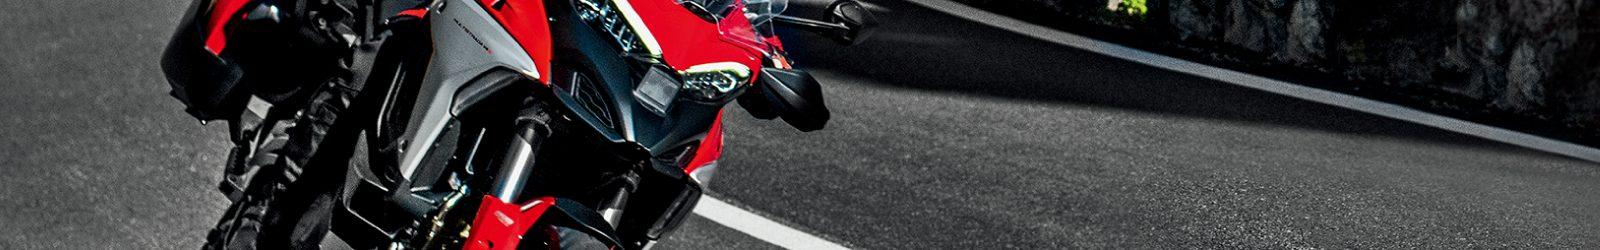 新型ムルティストラーダV4デビューフェアのご案内